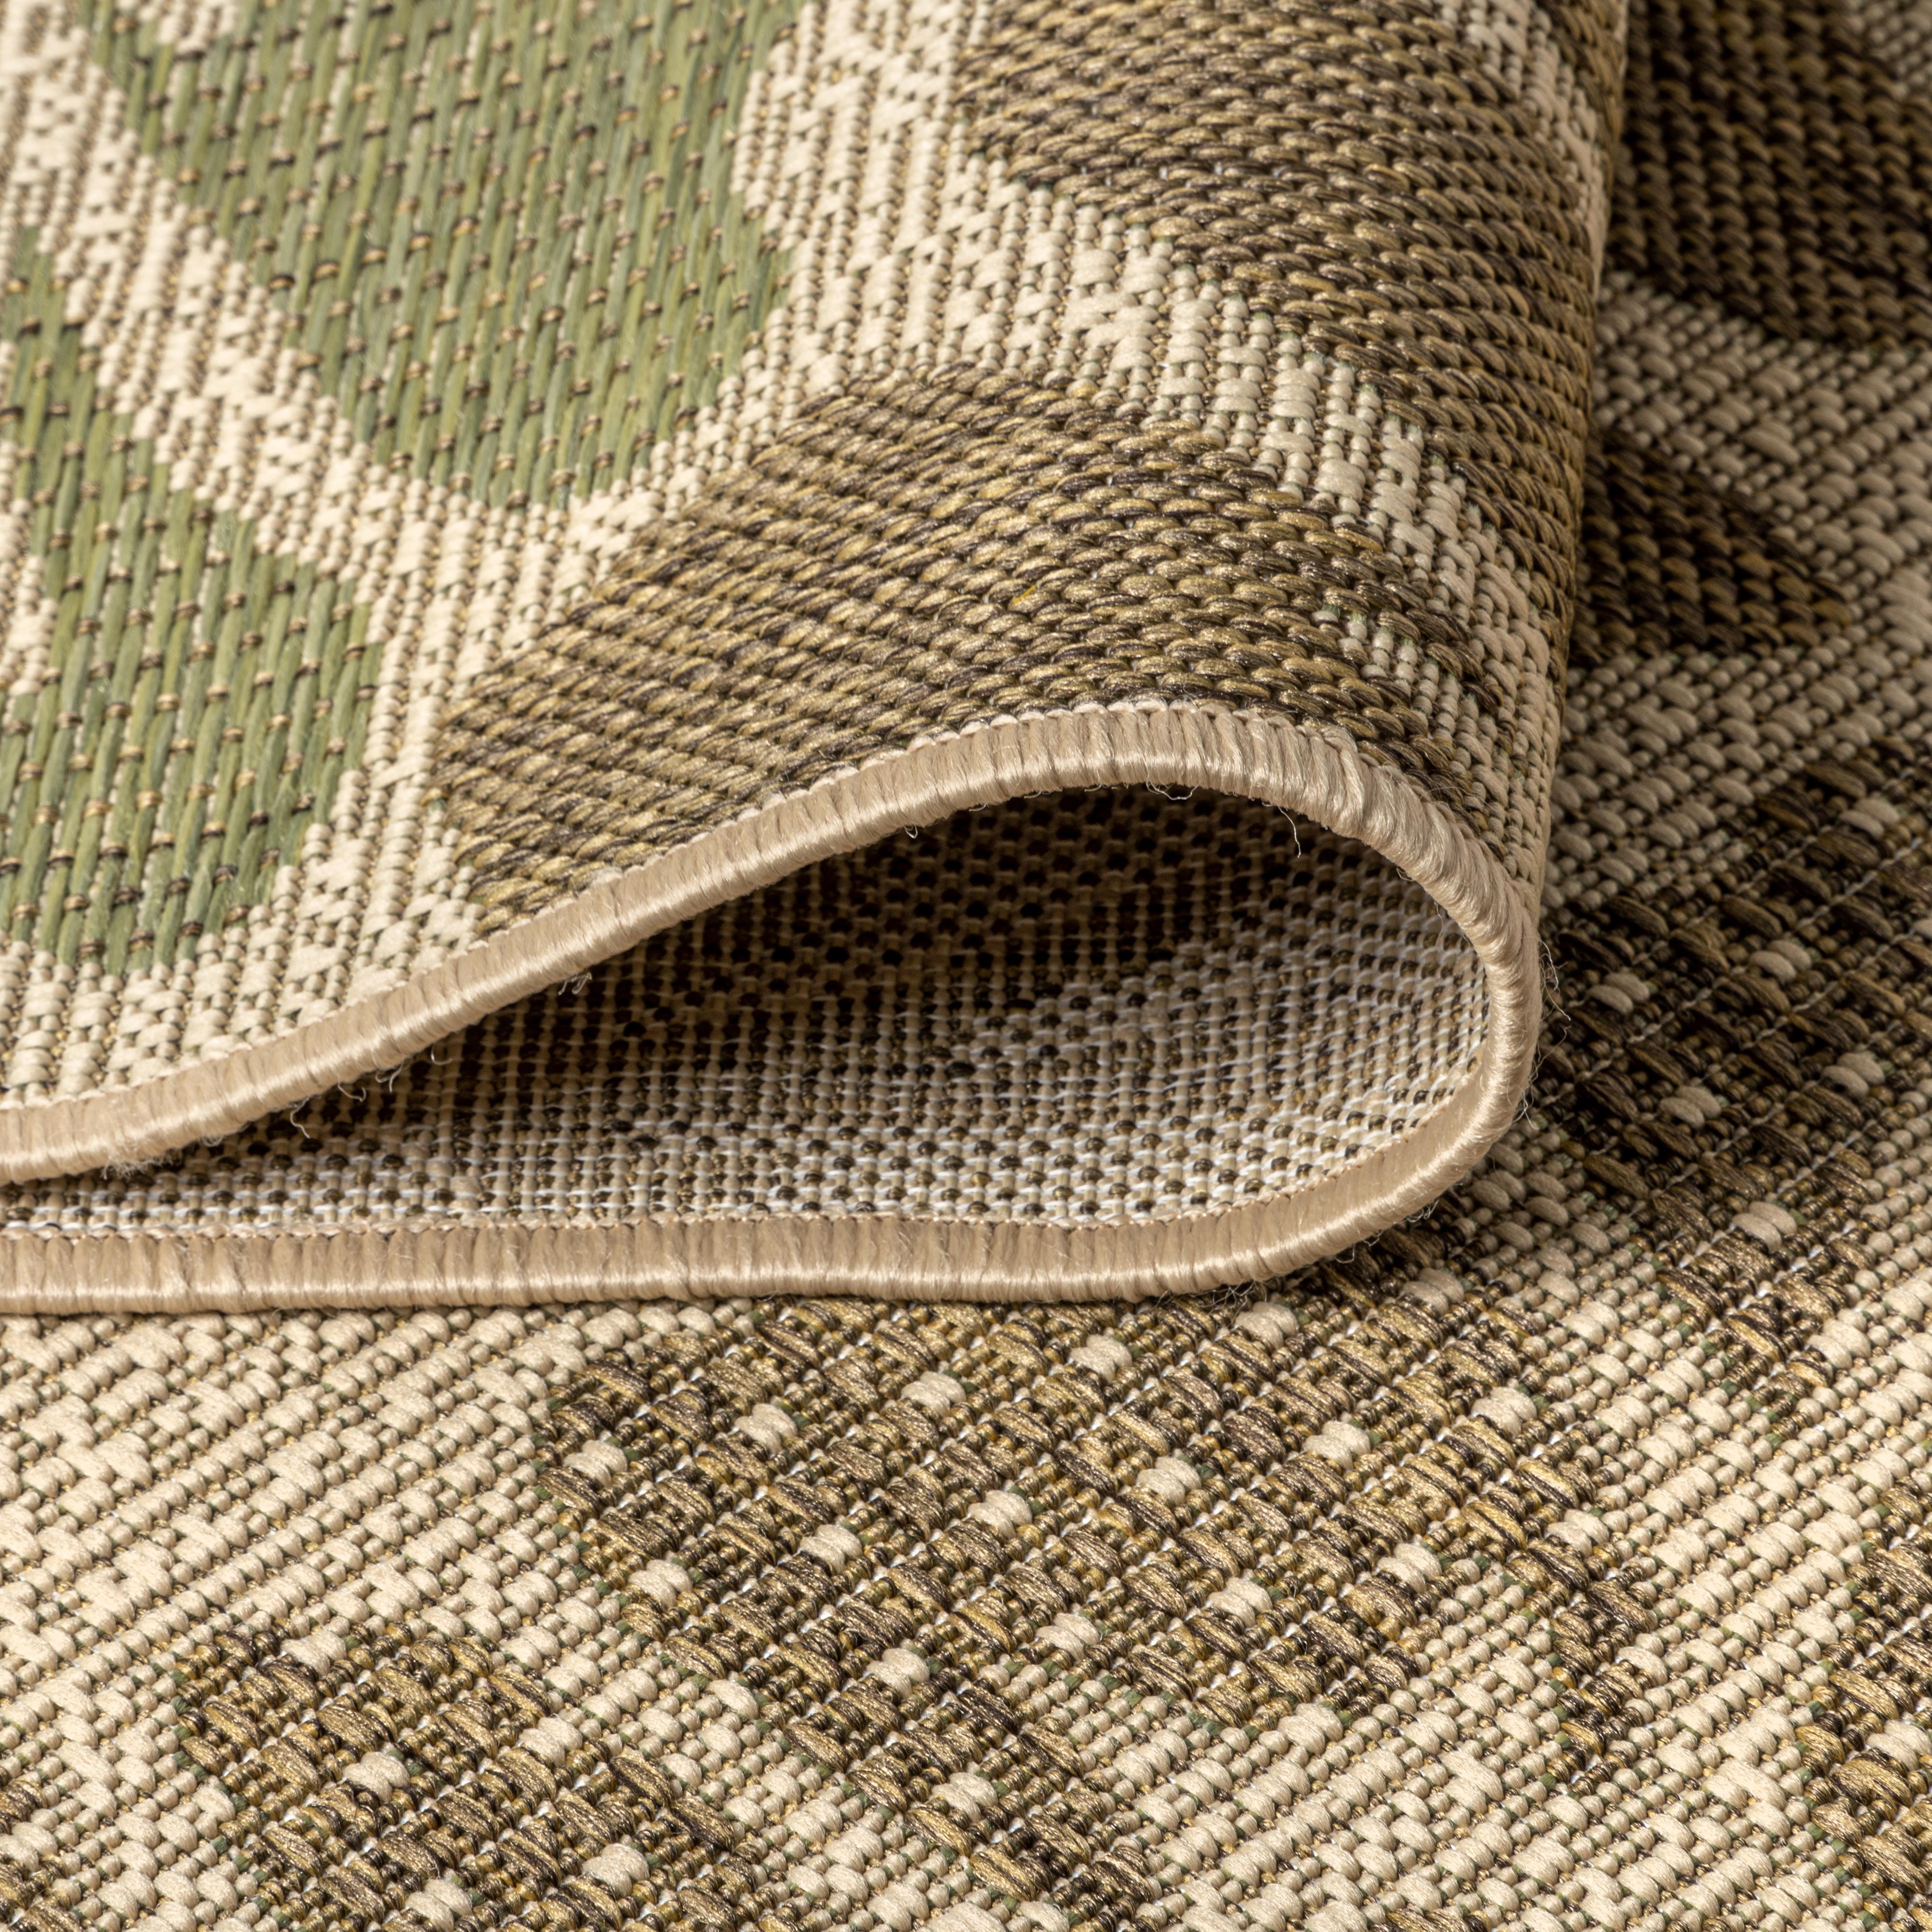 Zinnia Modern Floral Textured Weave Indoor/Outdoor Sage/Brown 5 ft. x 8 ft. Area Rug